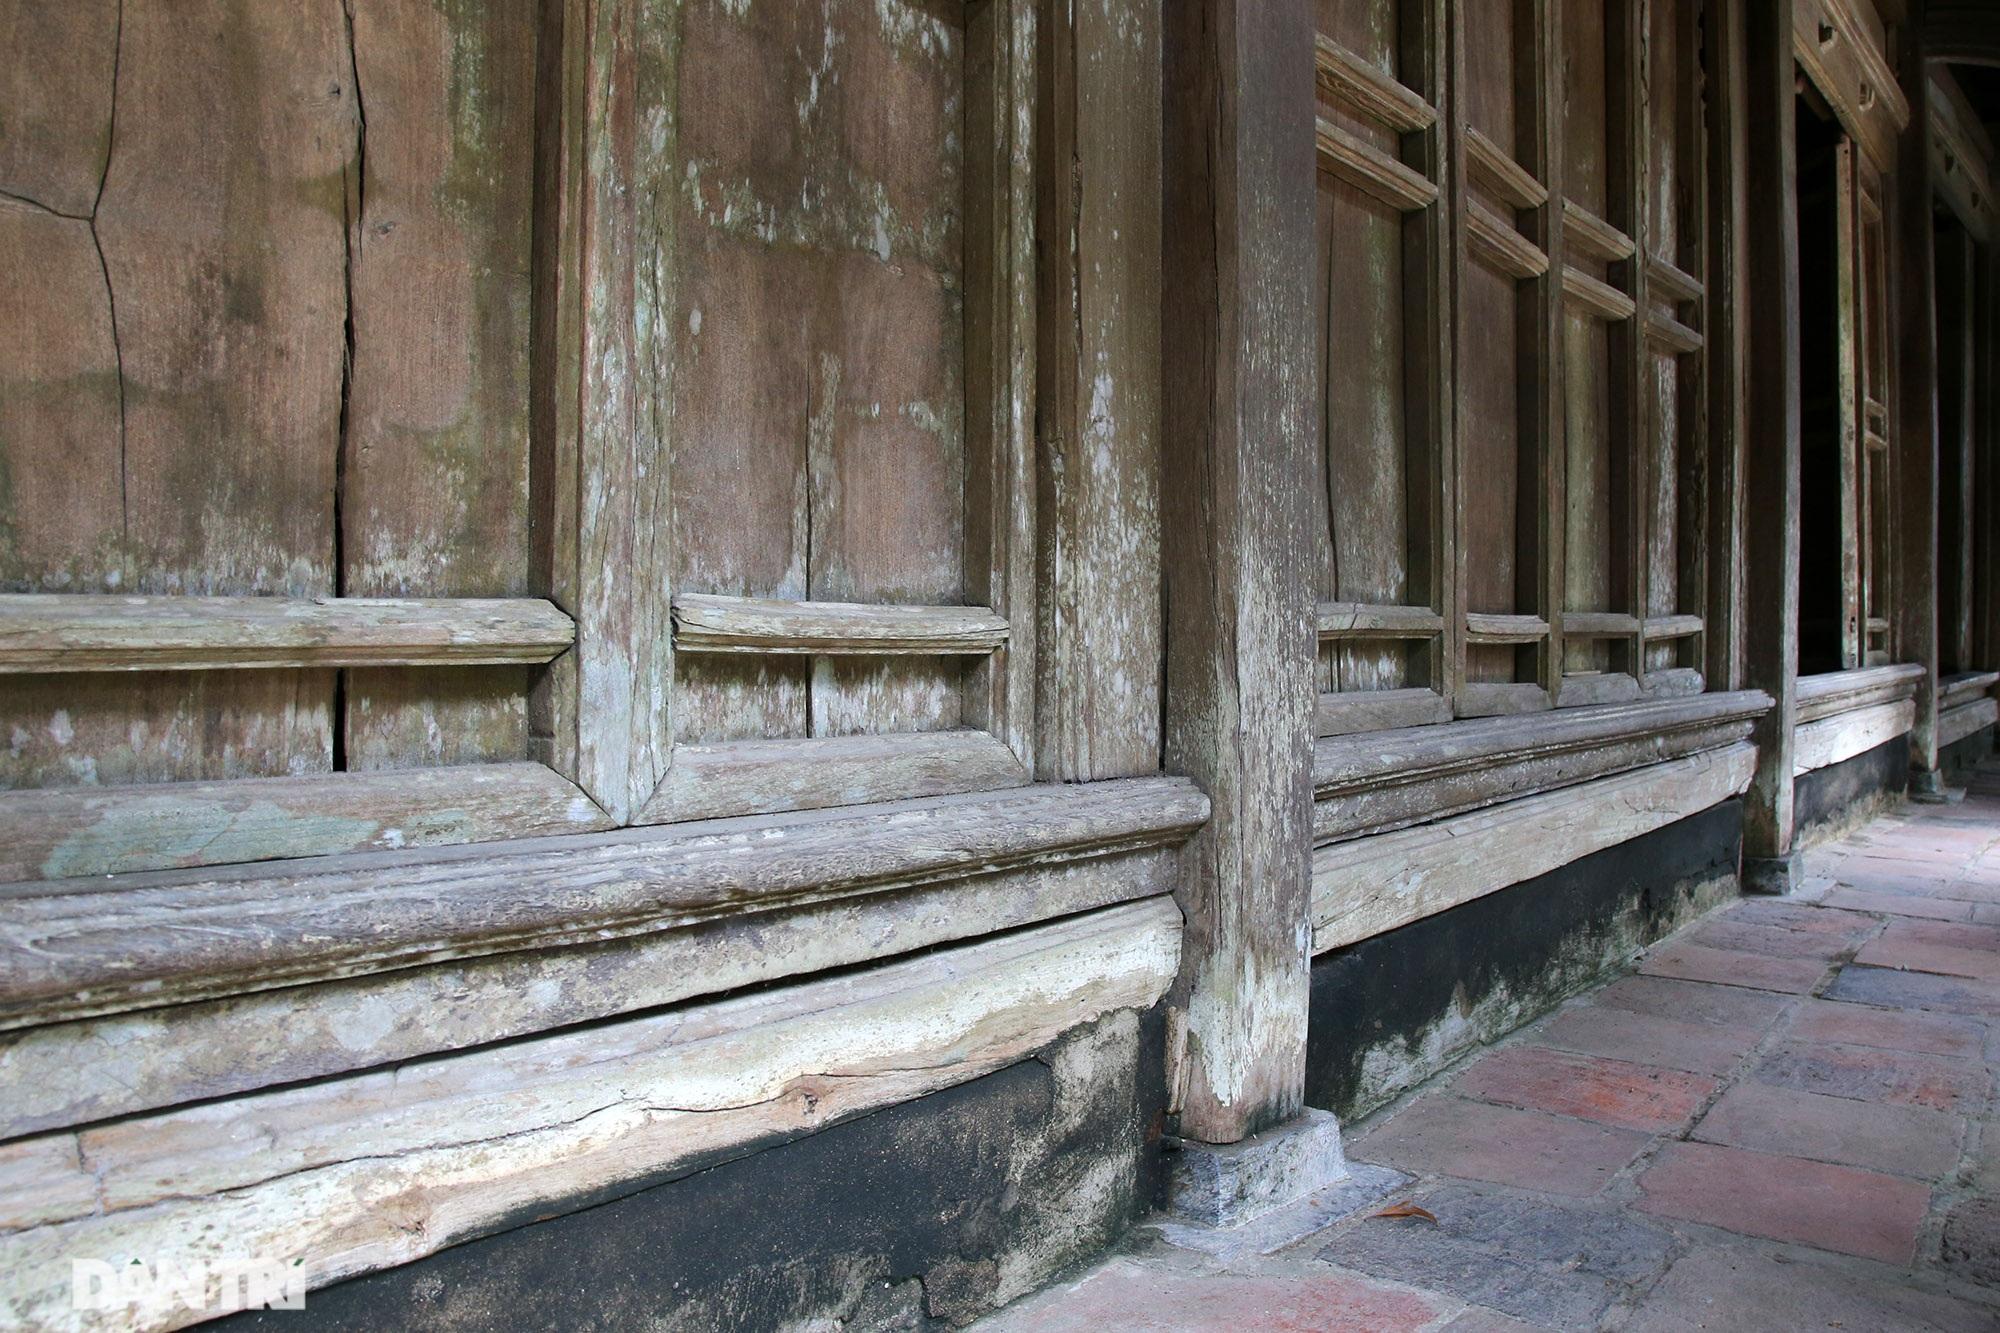 Cánh dại tre độc đáo trong nếp nhà xưa ở nông thôn miền Bắc - 6